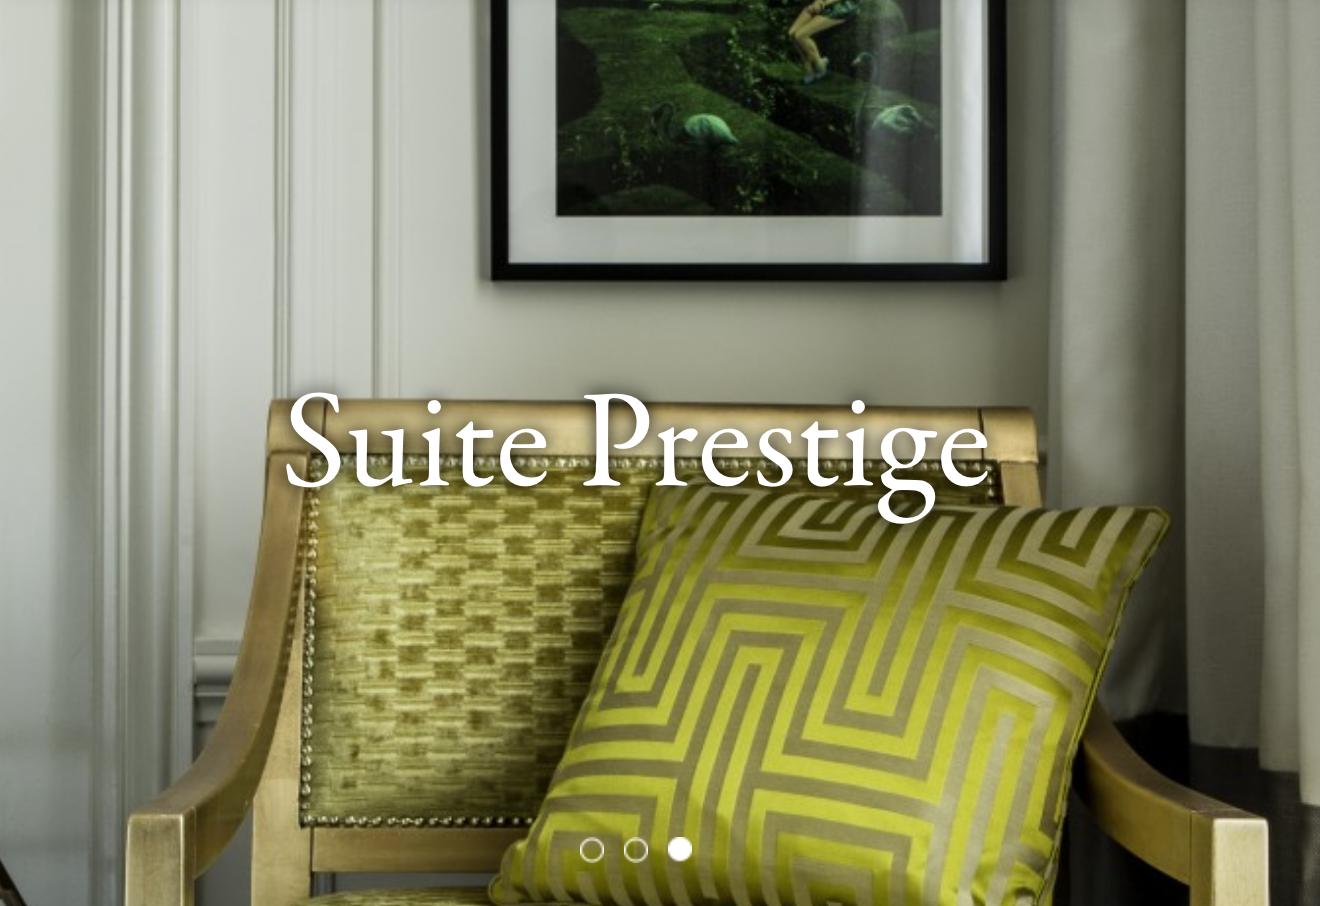 MV DECOR - Rénovation des mobiliers des Suites Prestiges du SOFITEL PARIS LE FAUBOURG.